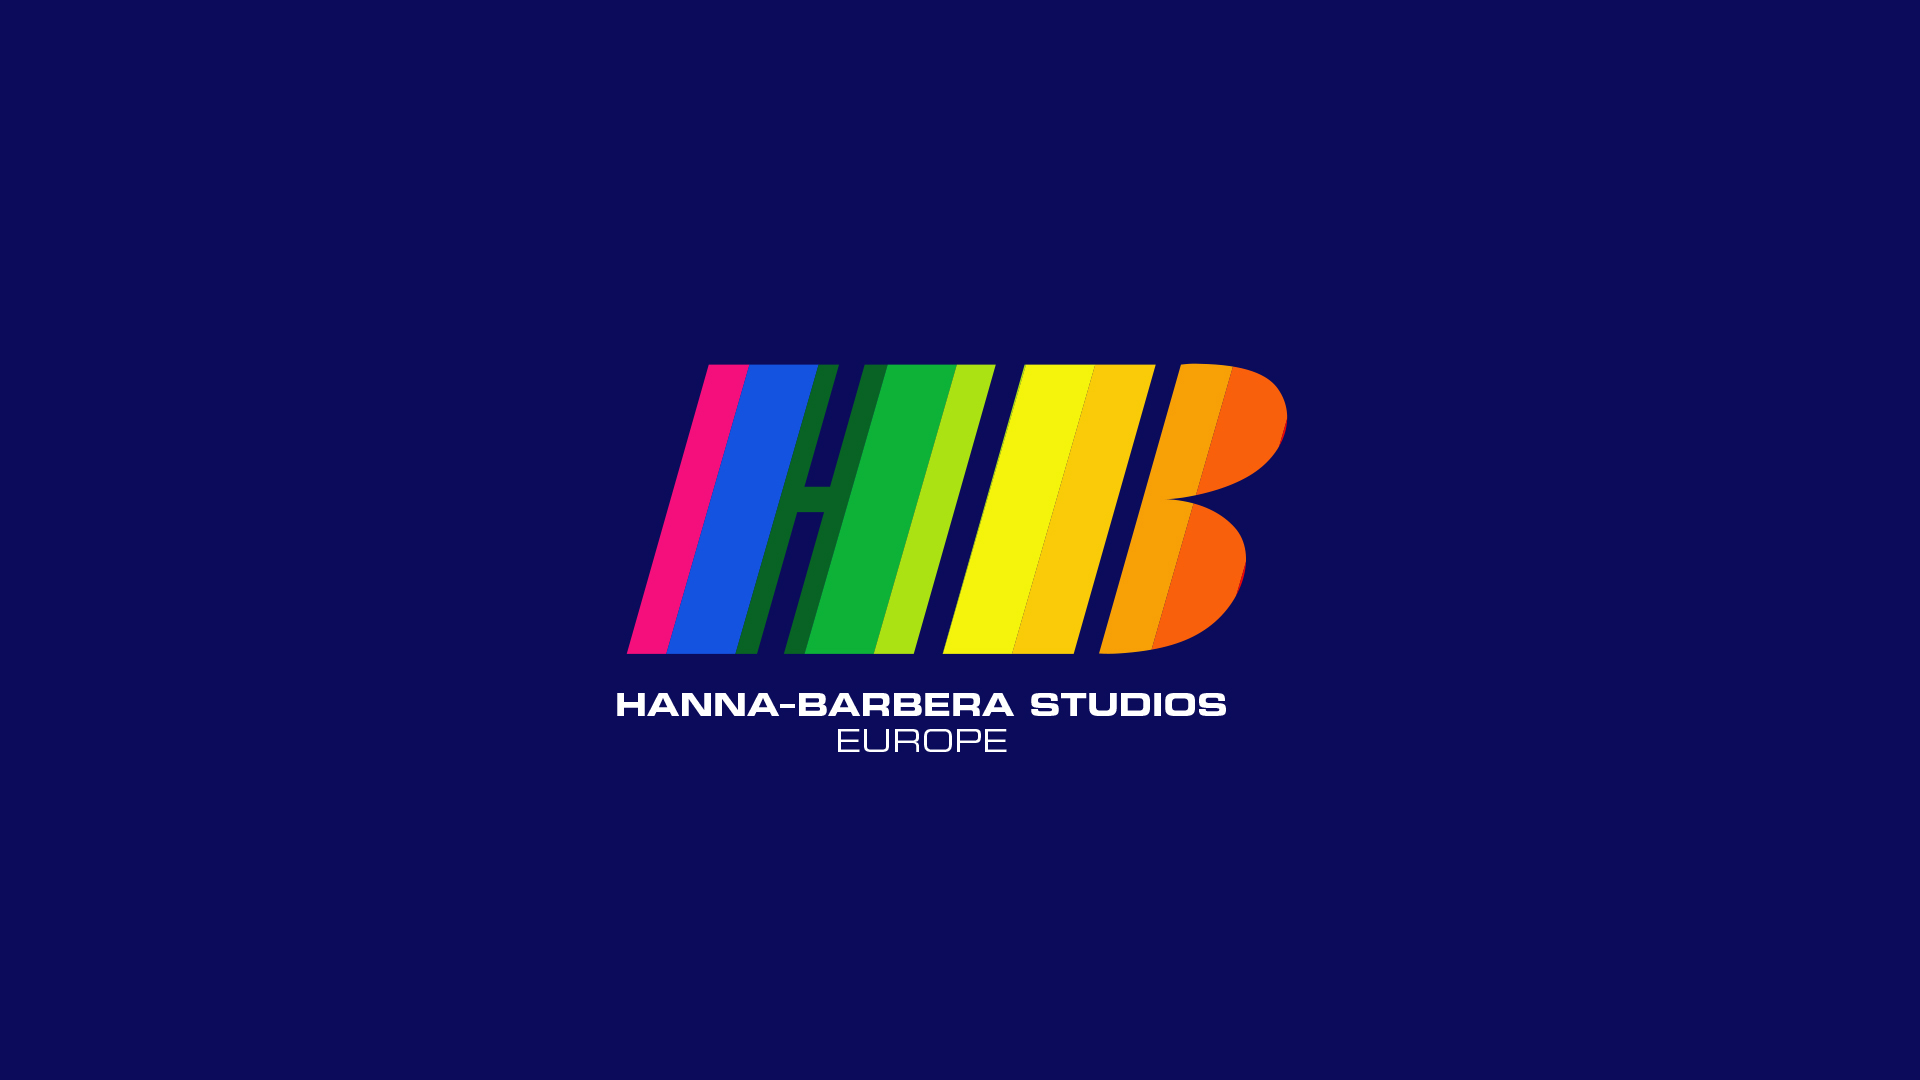 Hanna-Barbera Studios Europe става част от групата от първокласни анимационни студия на WarnerMedia 27